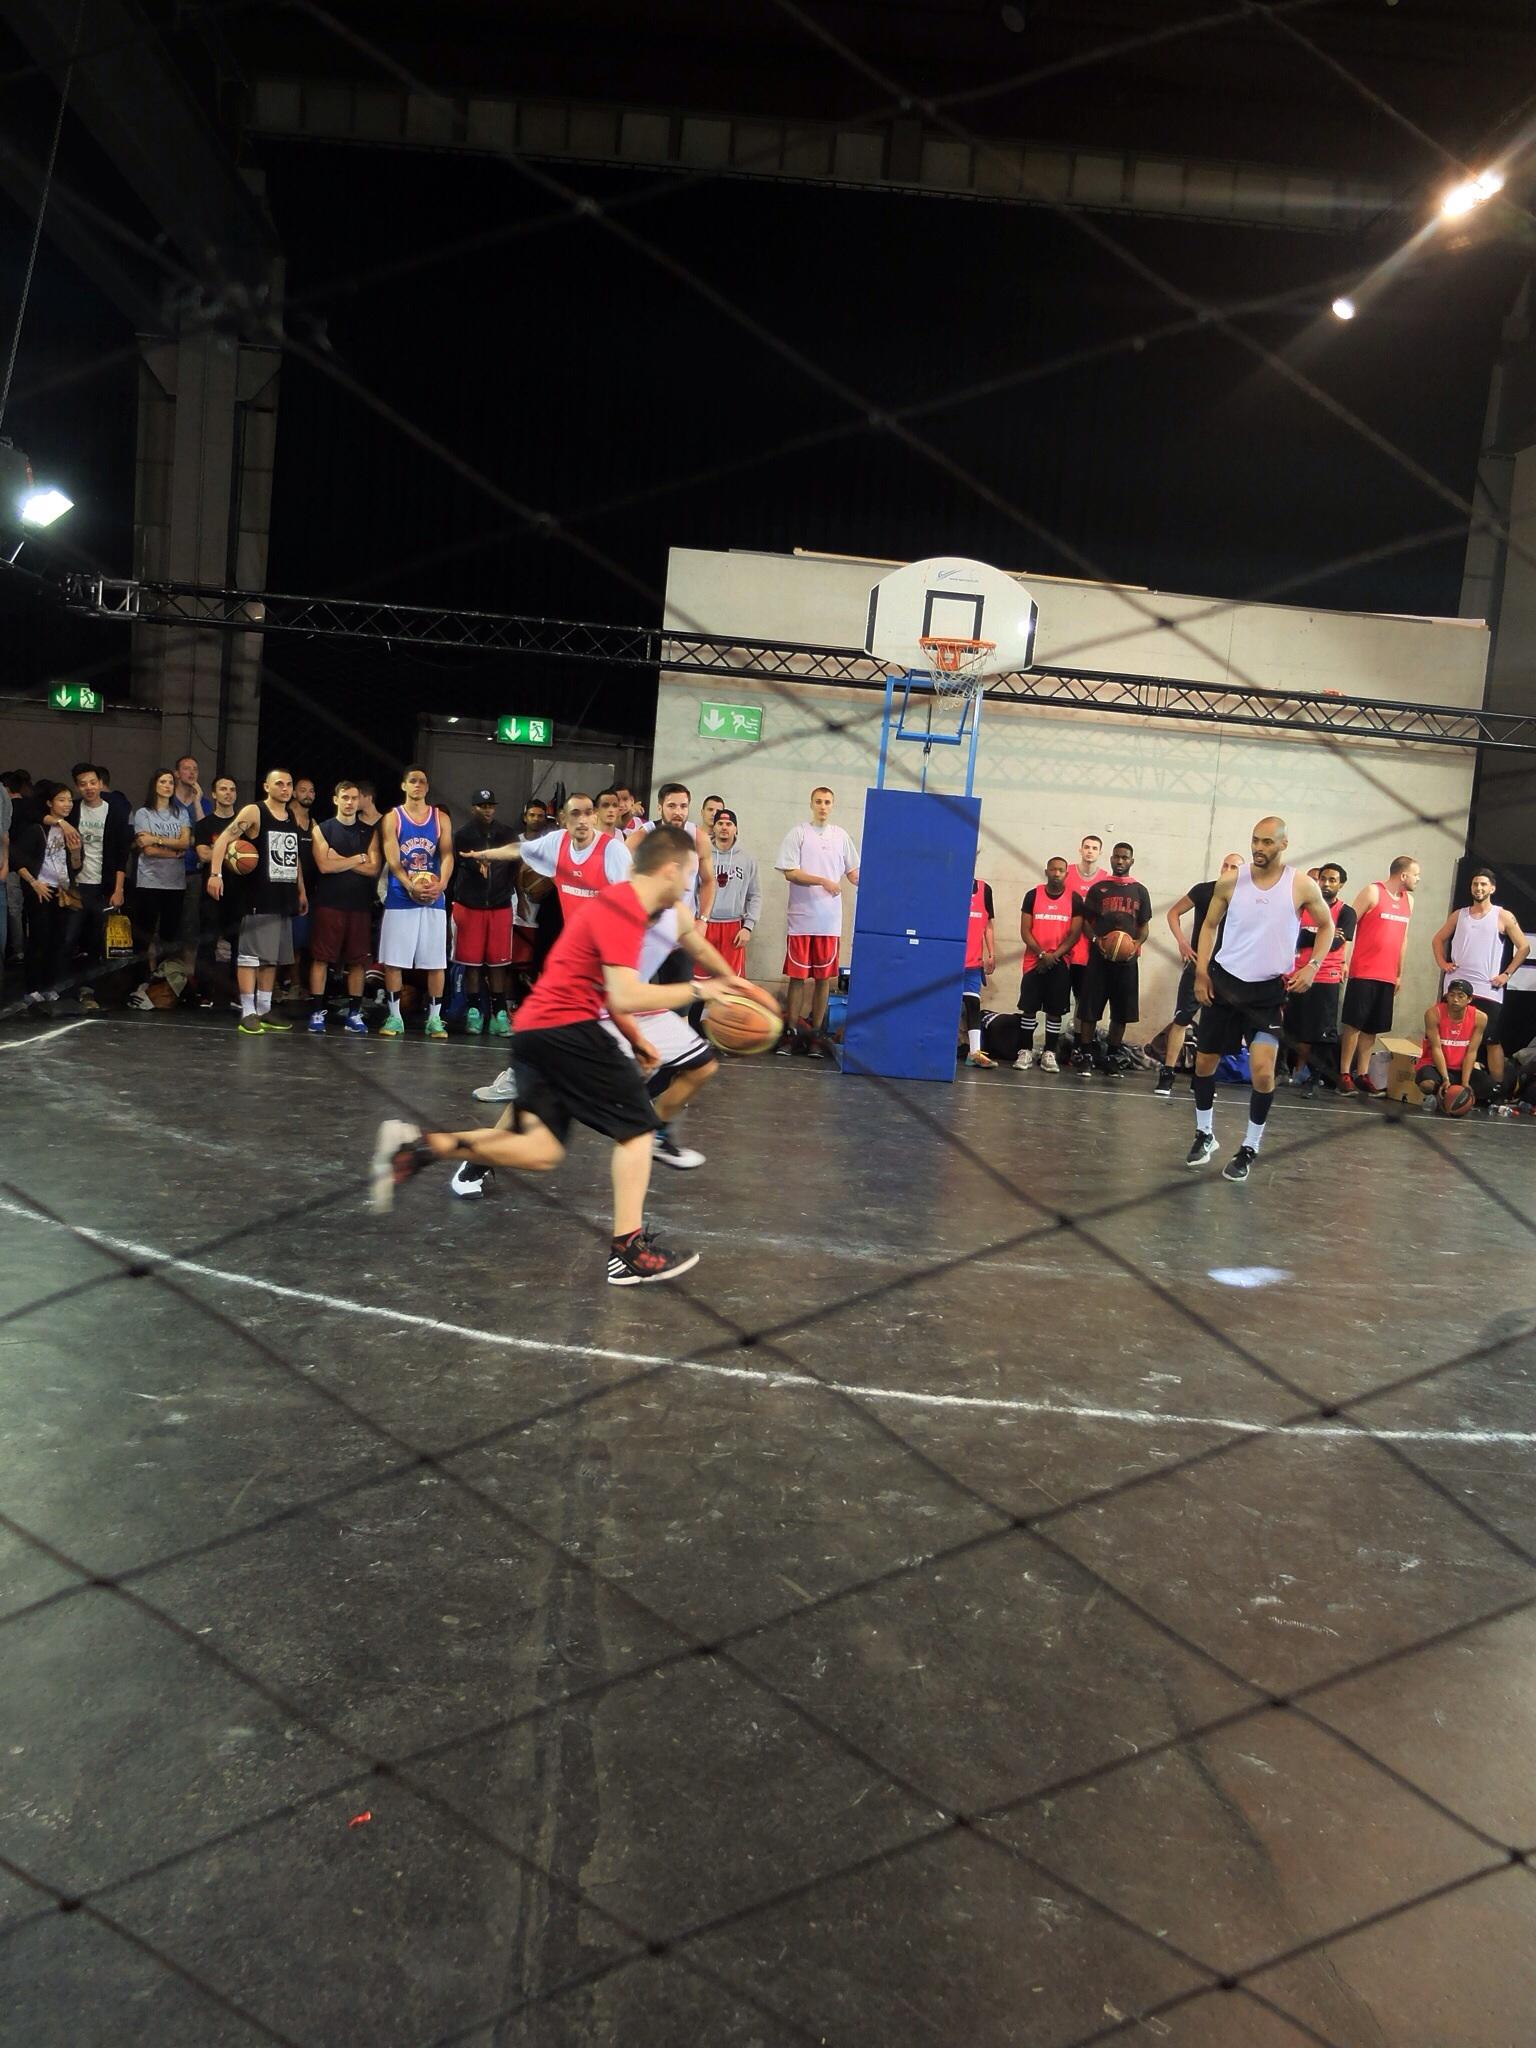 Basketball battles